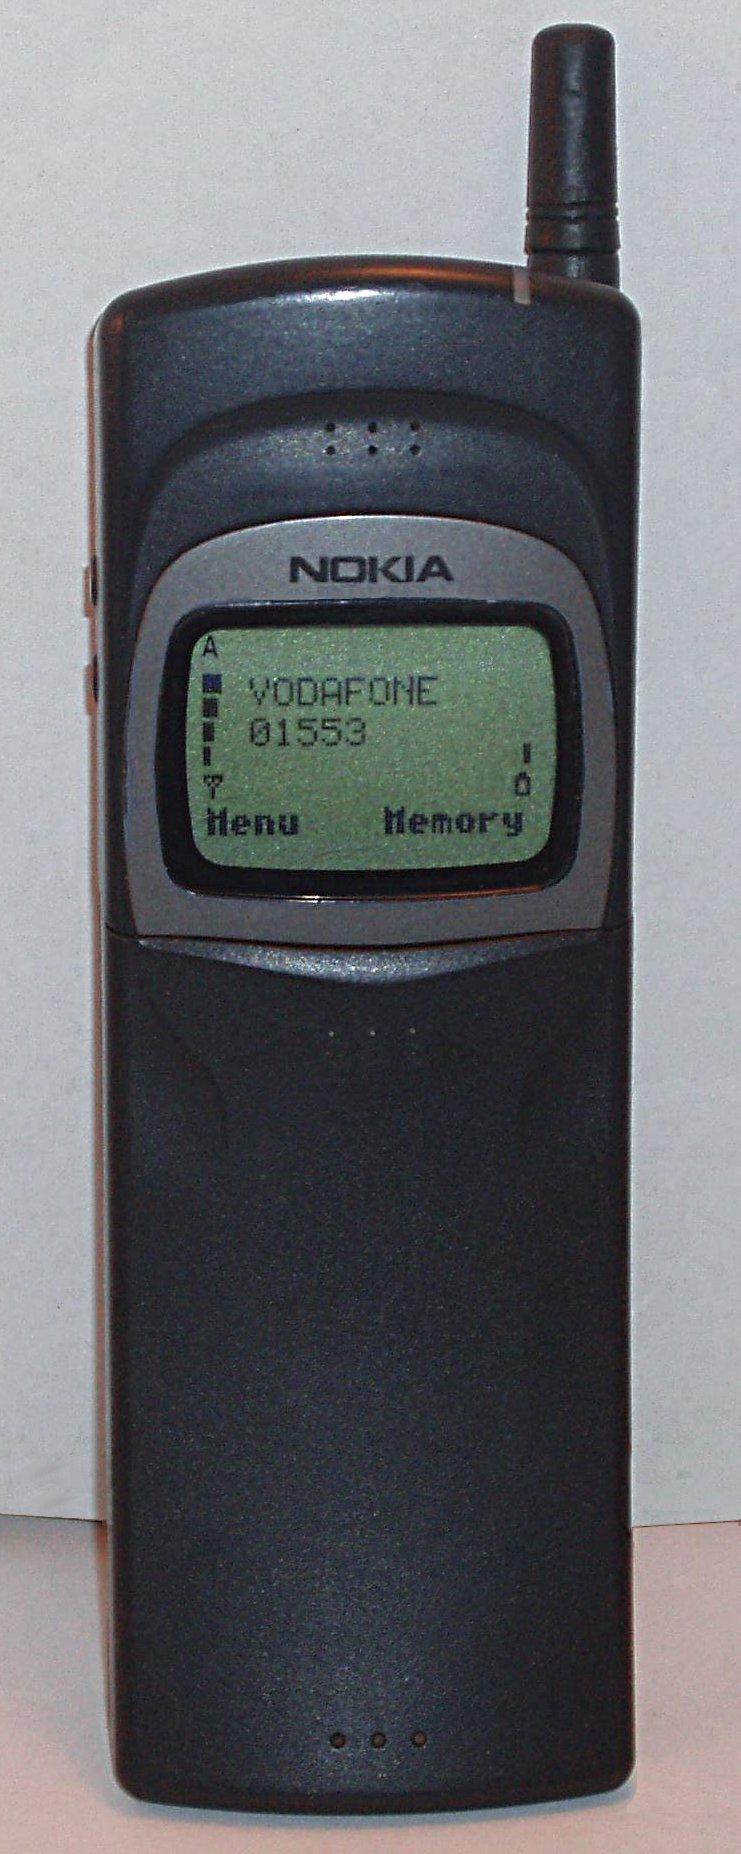 Imagens de telemóveis antigos - Nokia 8110